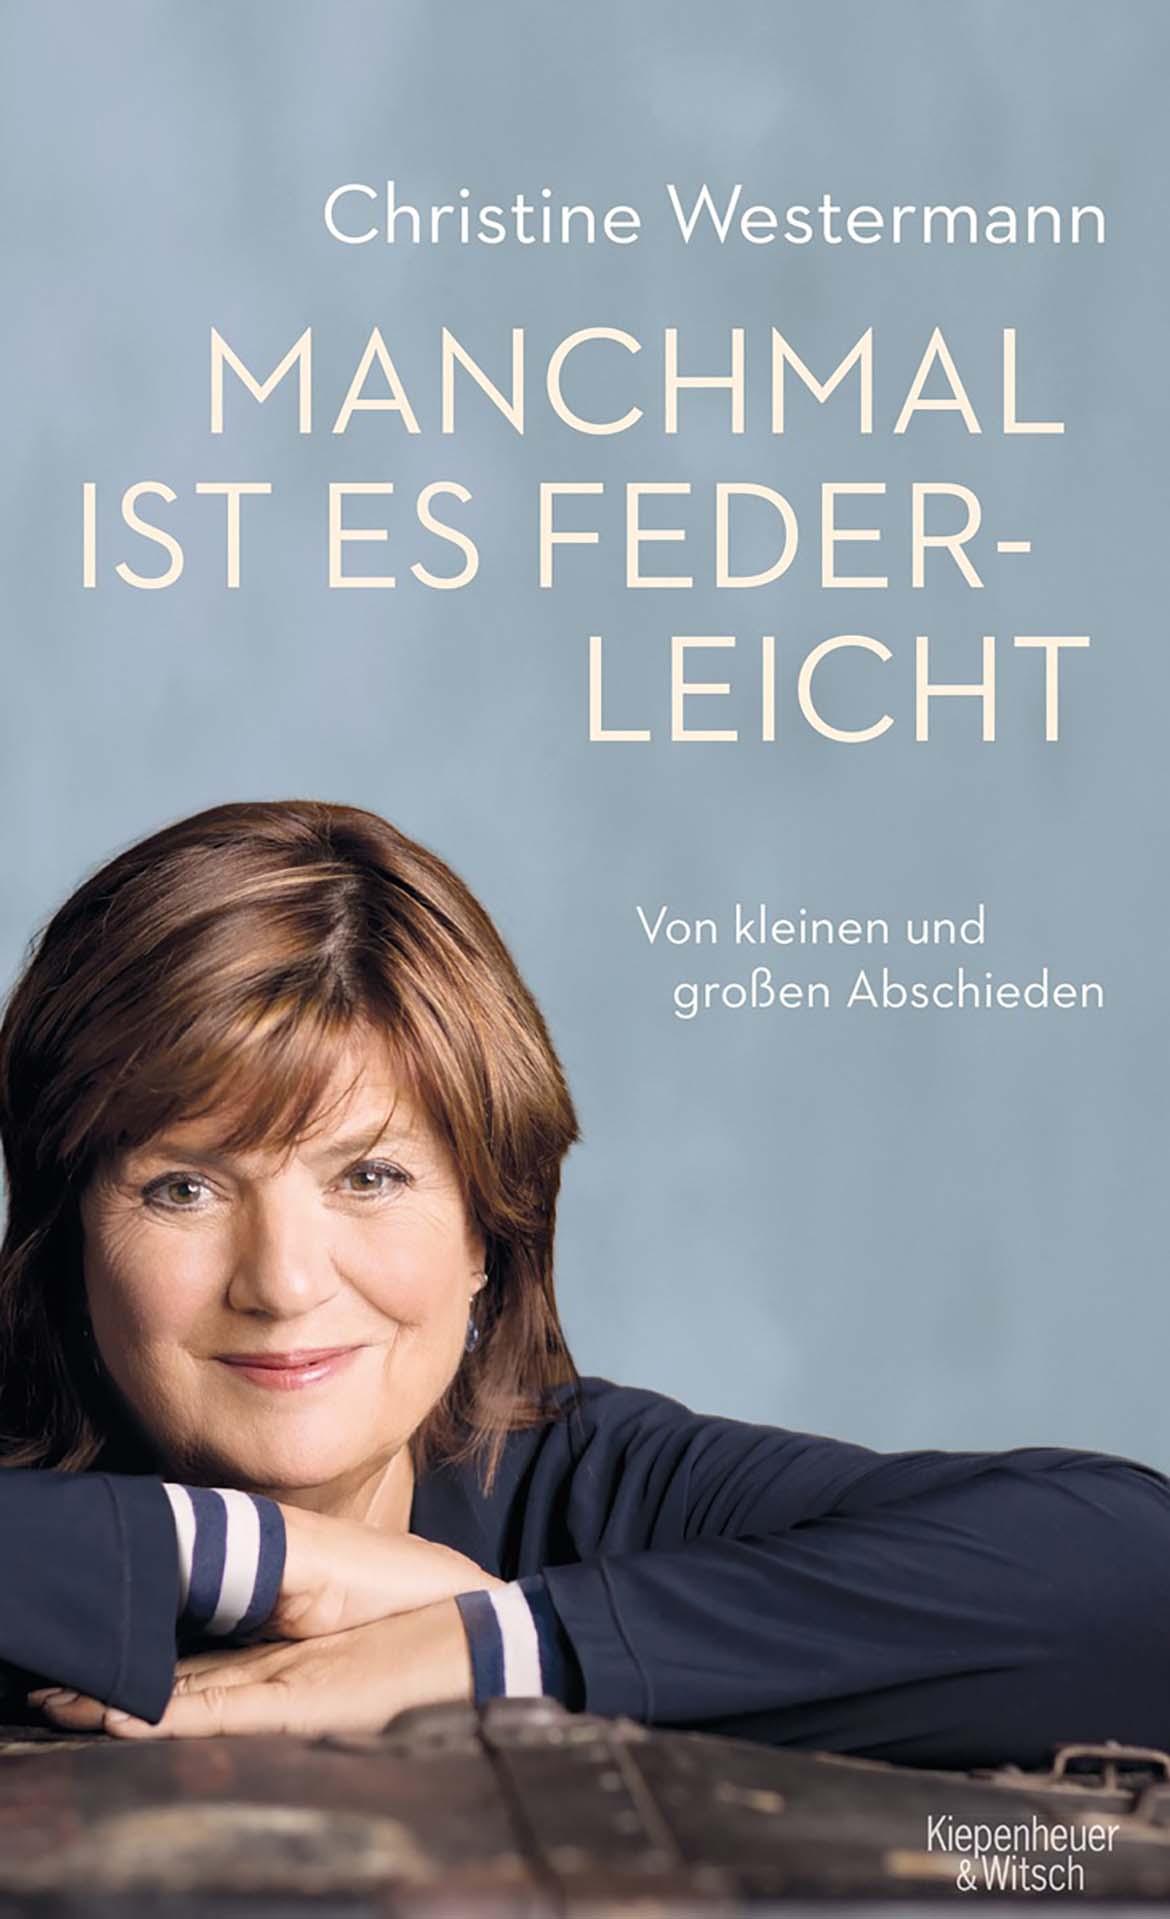 Christine Westermann - Manchmal ist es federleicht